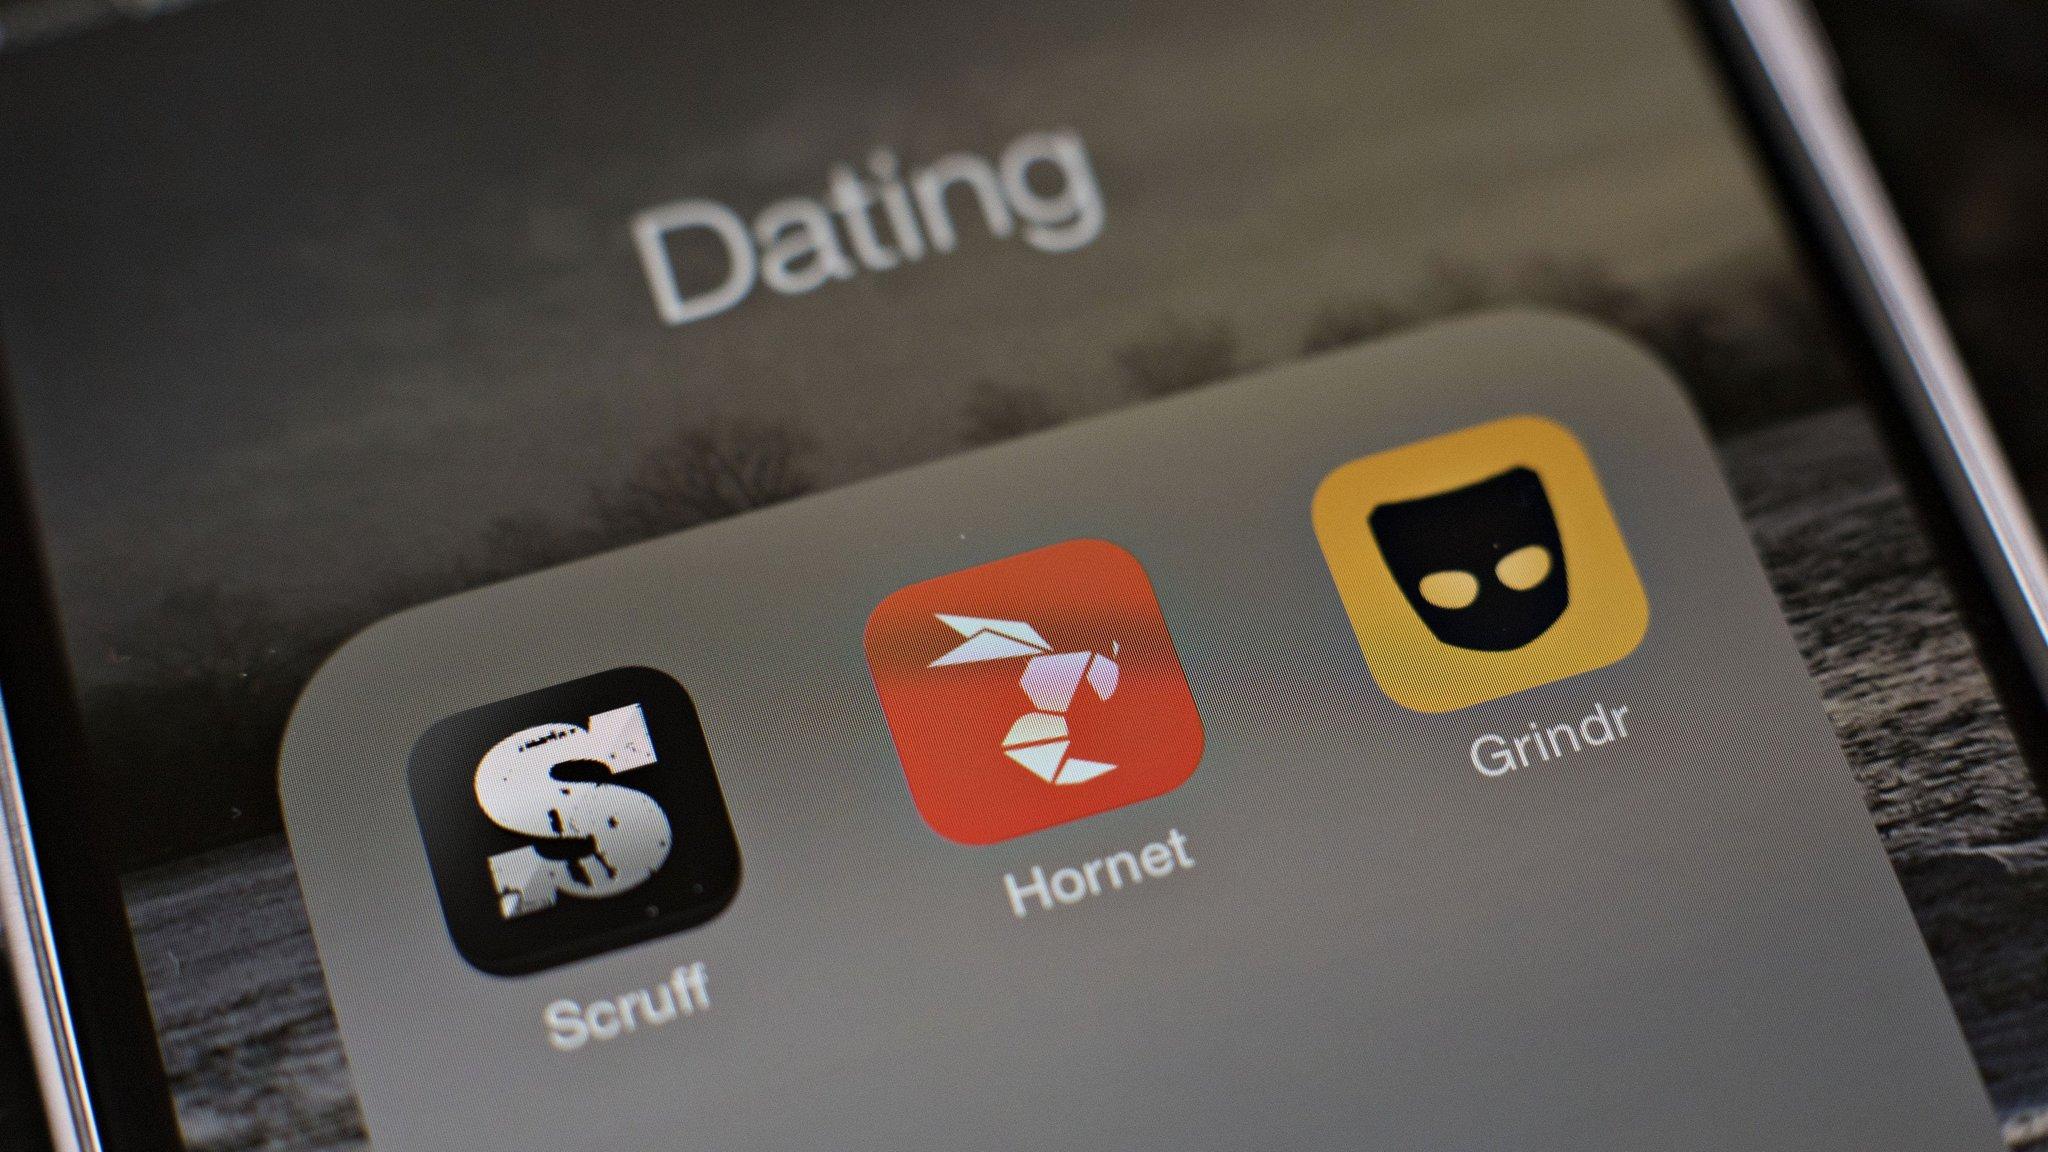 Gay dating hornet